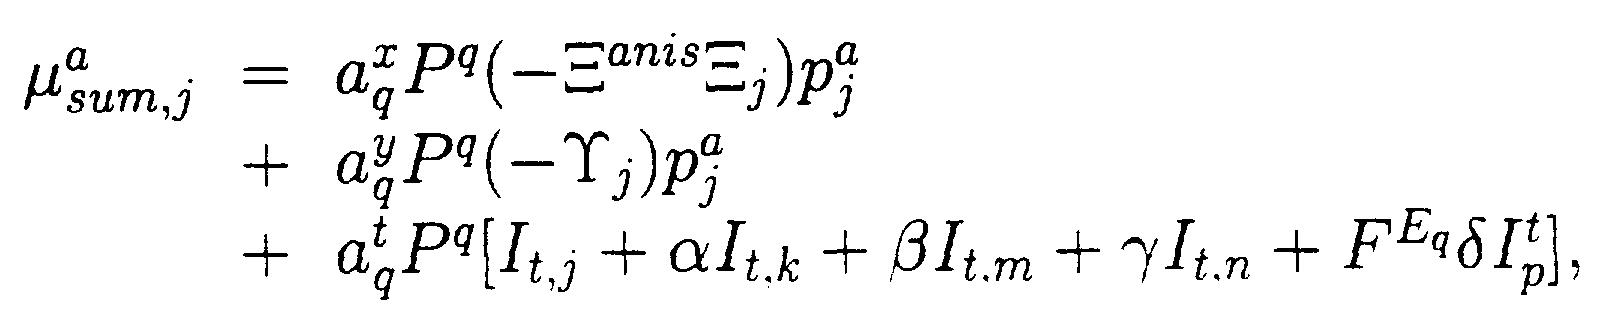 Figure imgf000061_0007